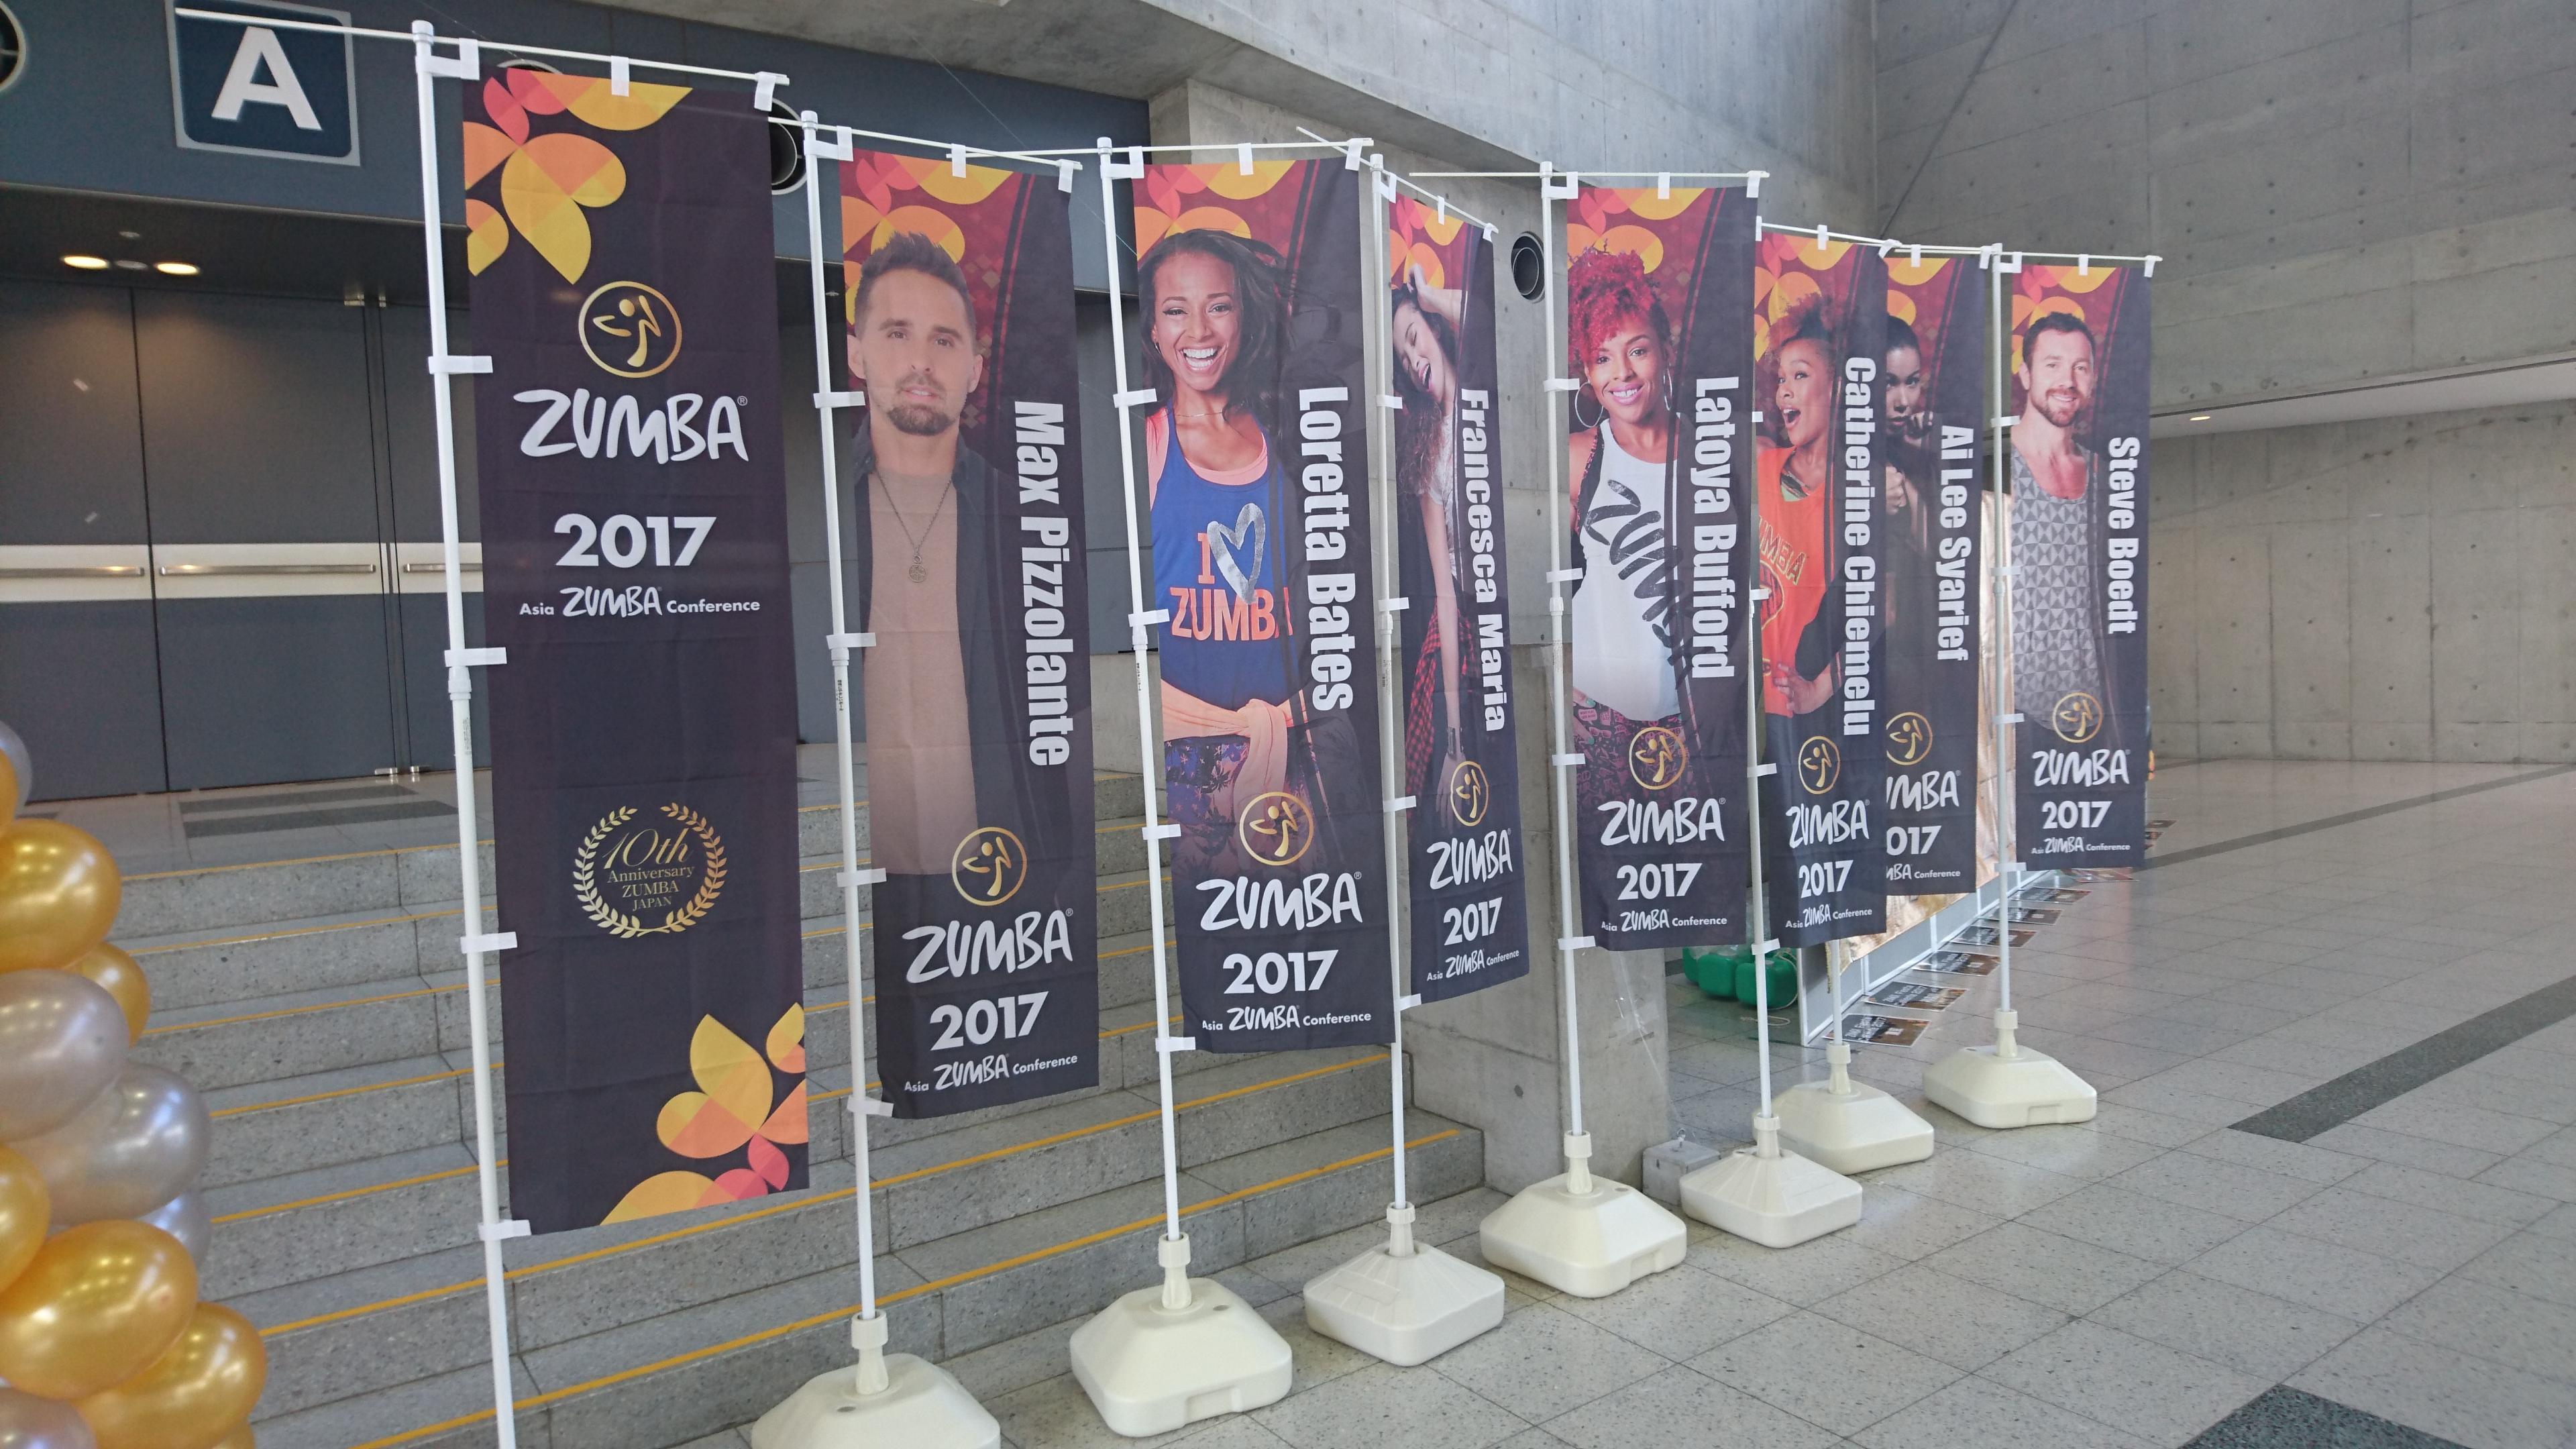 ズンバ カンファレンス アジア 2017